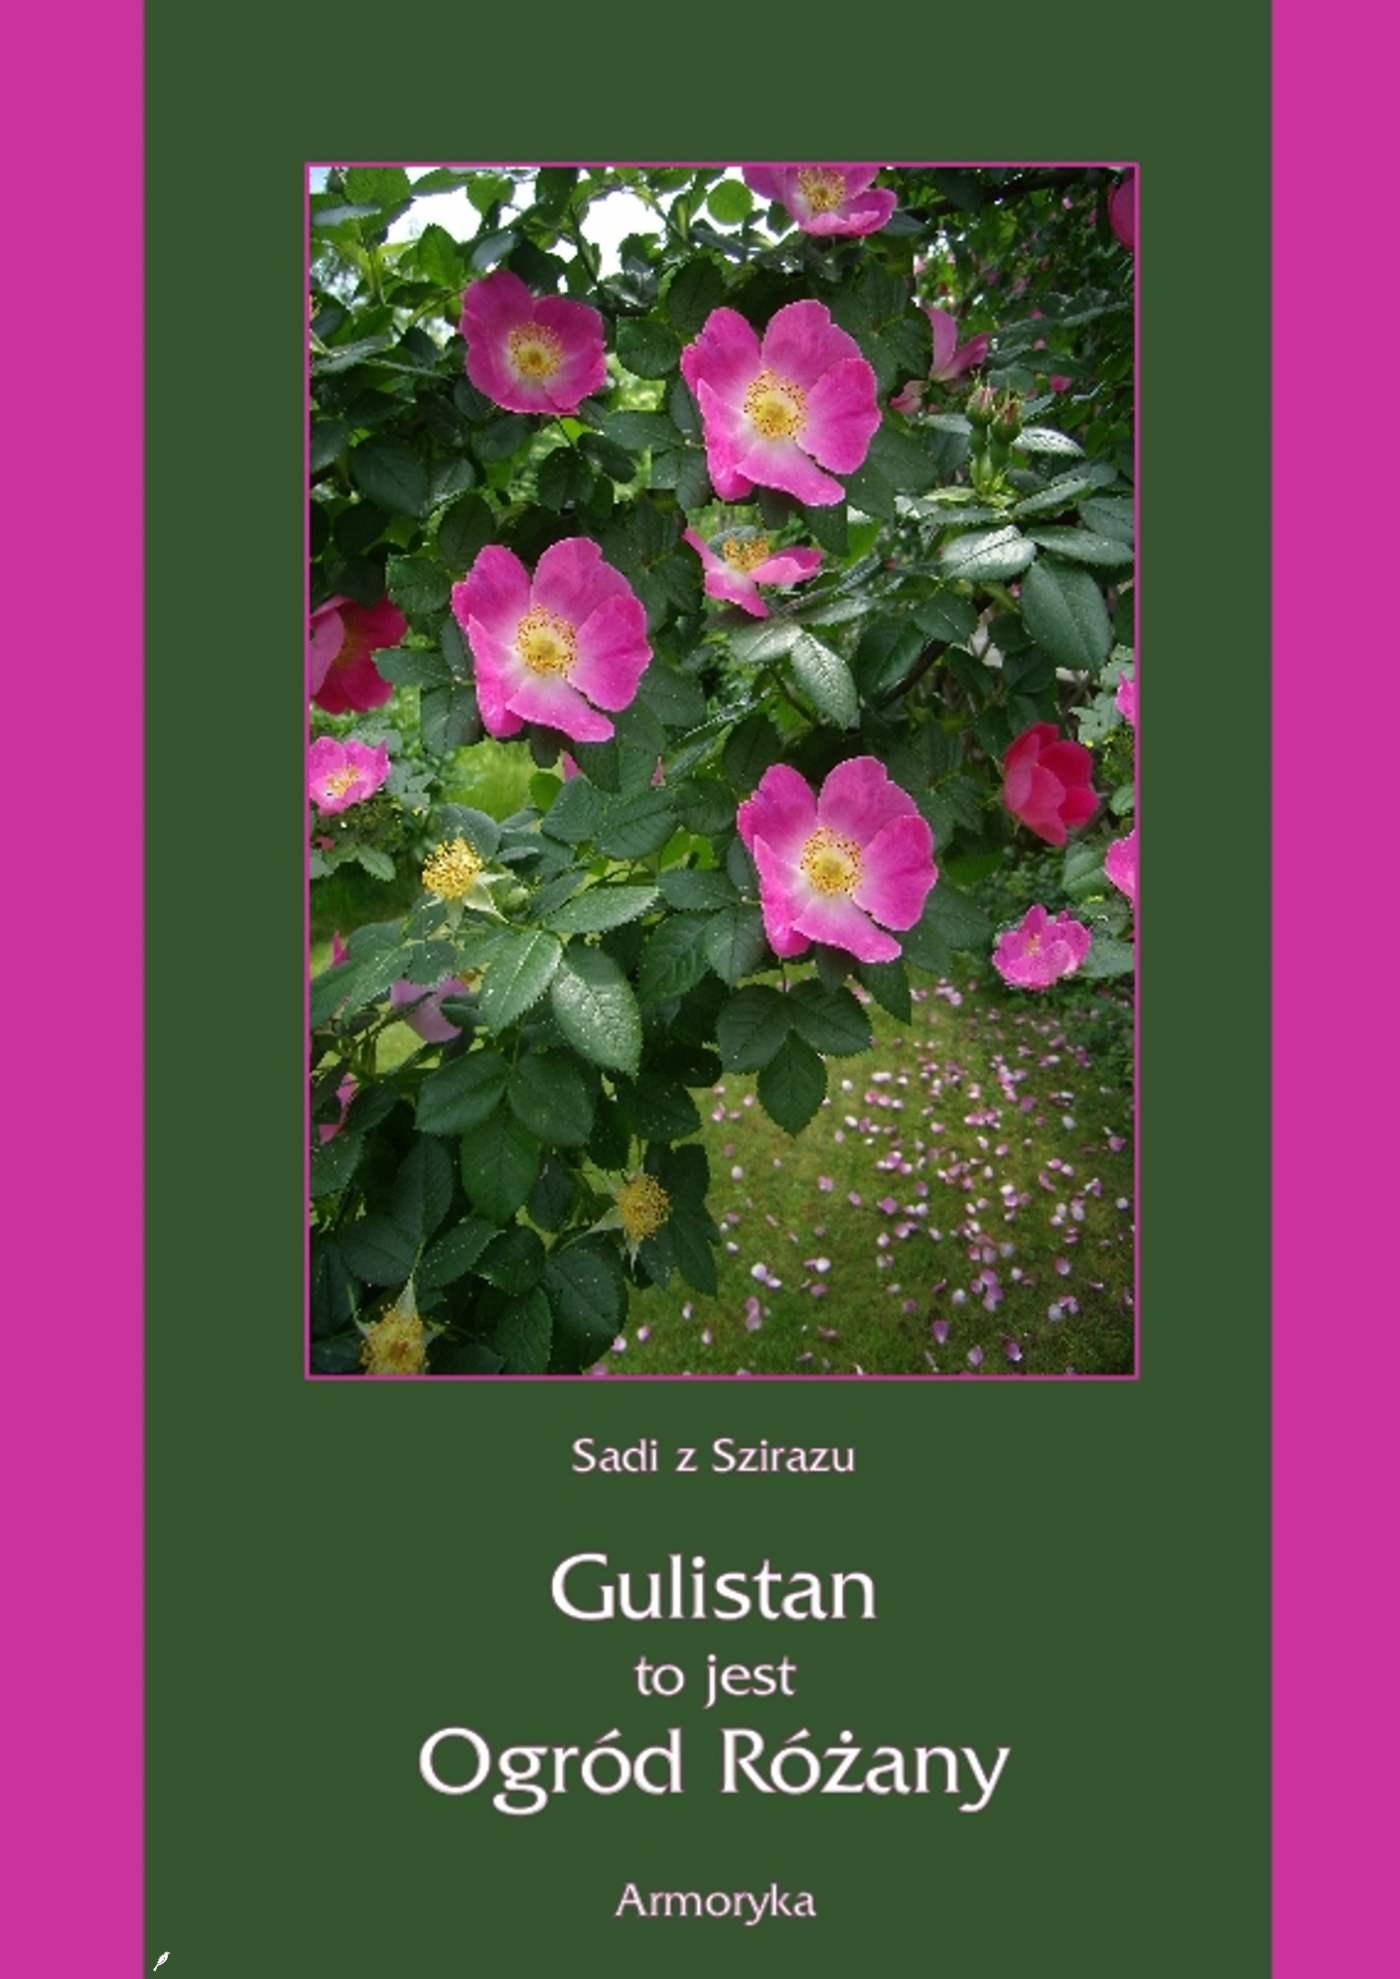 Gulistan, to jest ogród różany - Ebook (Książka EPUB) do pobrania w formacie EPUB